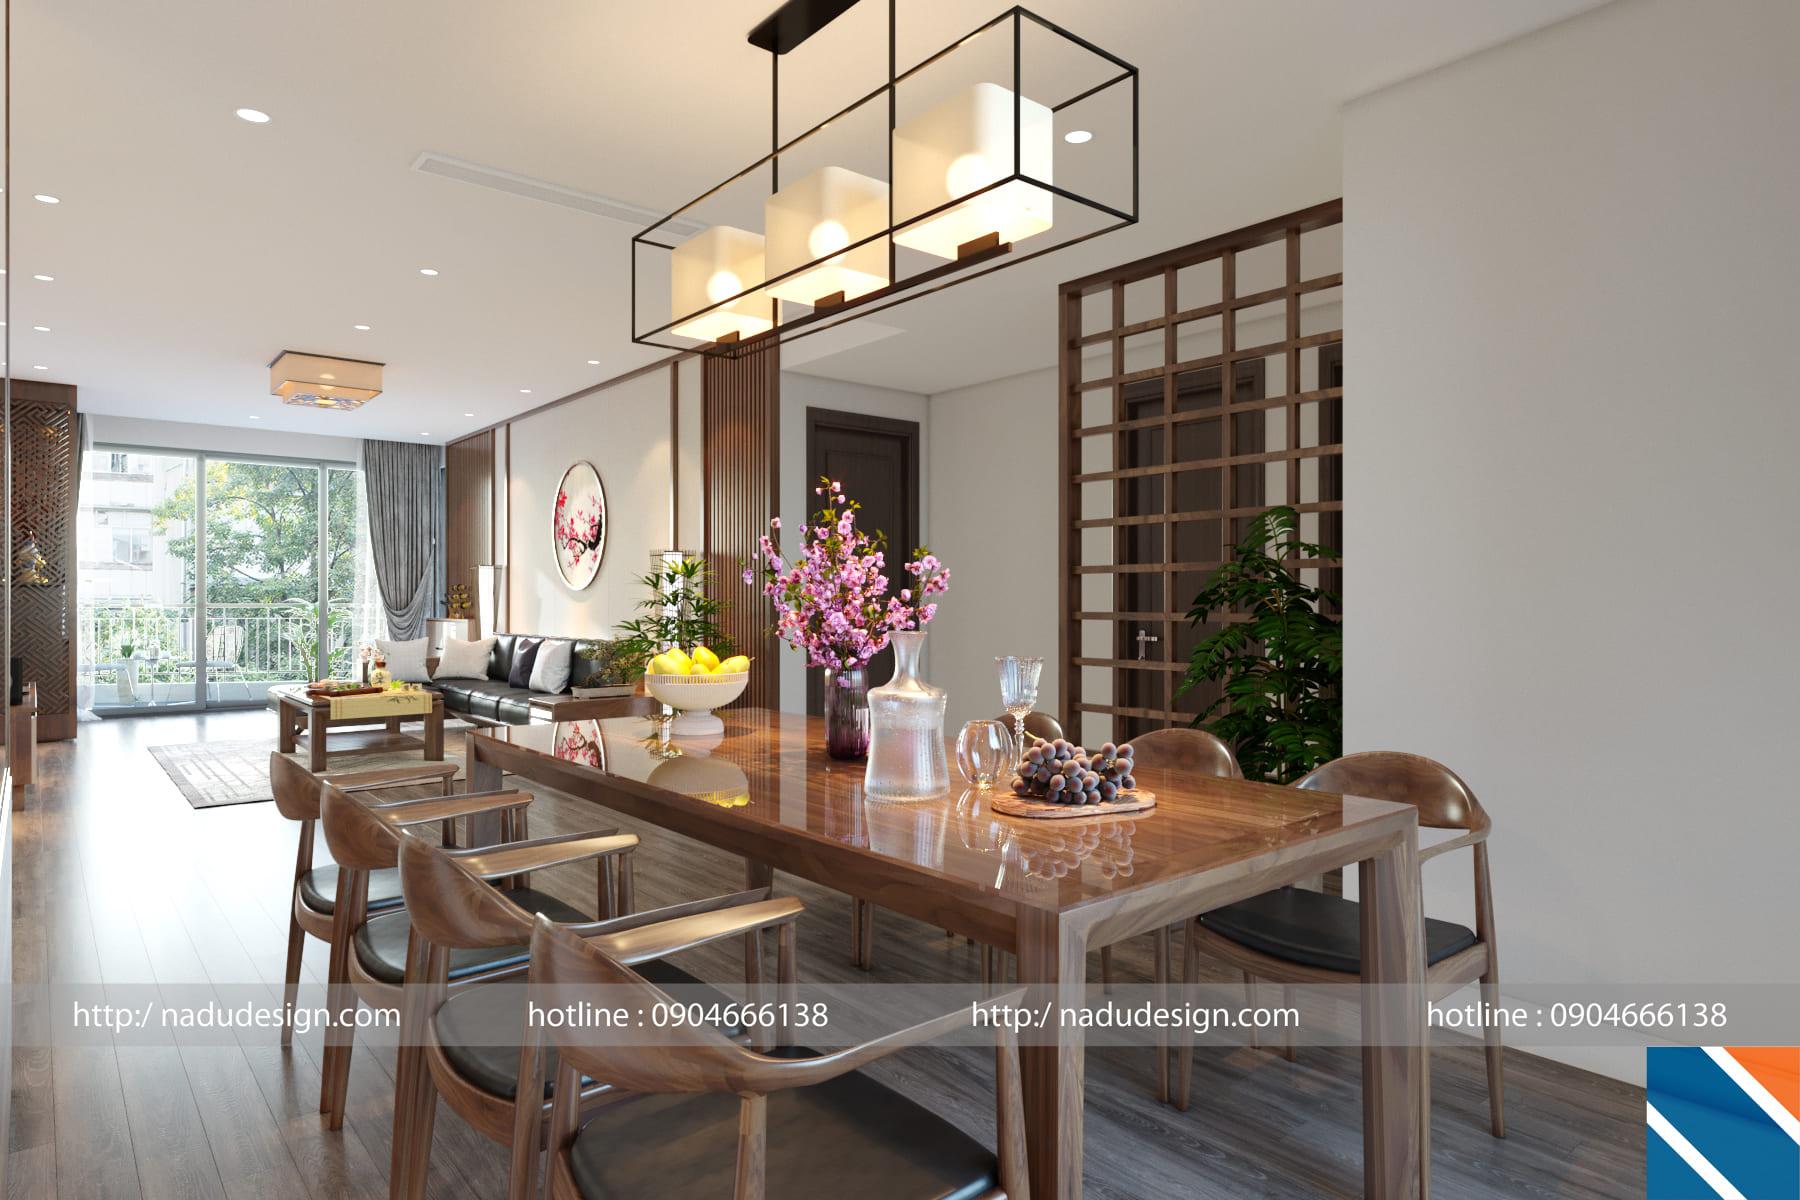 Tham khảo những mẫu thiết kế nội thất hợp phong thủy nhà ở theo phong cách hiện đại